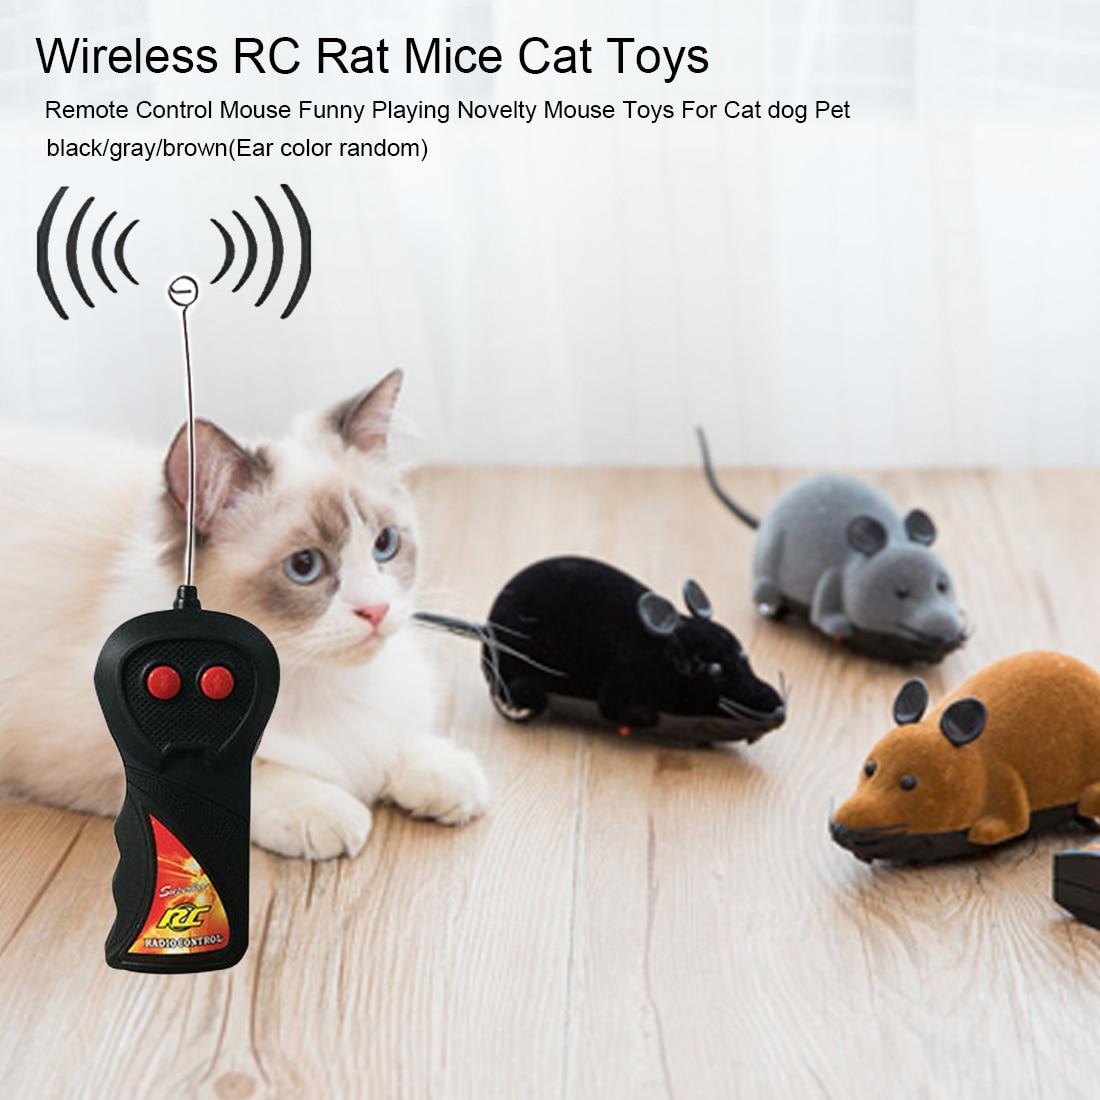 Control remoto inalámbrico RC electrónico rata juguetes para gatos graciosos juguete para gatos de simulación del producto para mascotas ratón ratones de juguete de gato para gato